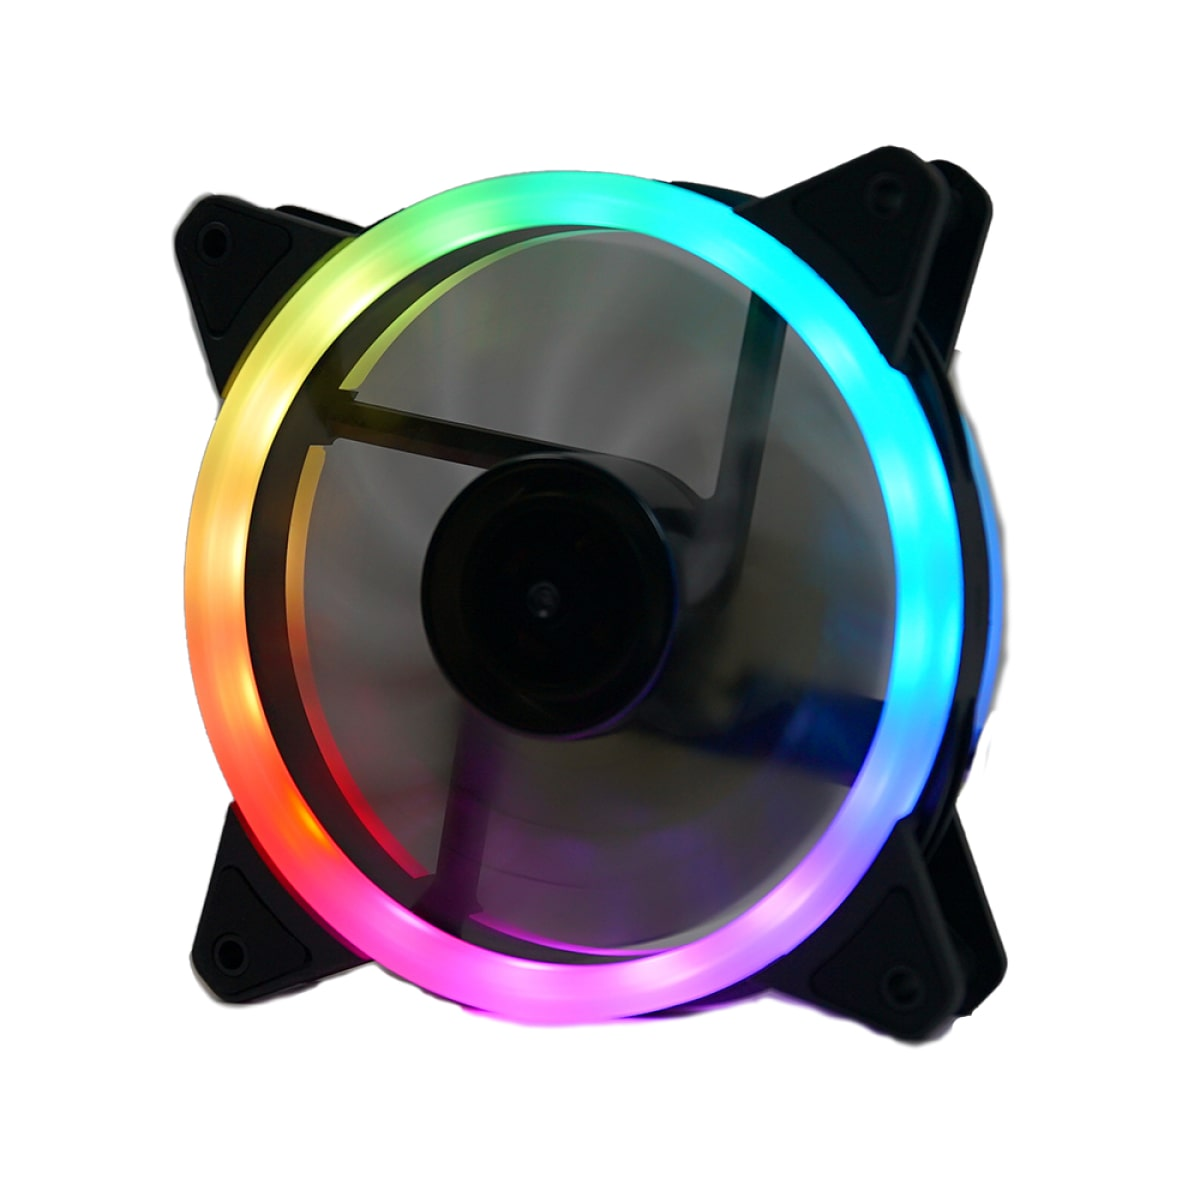 Kit Fan com 3 Unidades Redragon F011, RGB, 120mm - F011